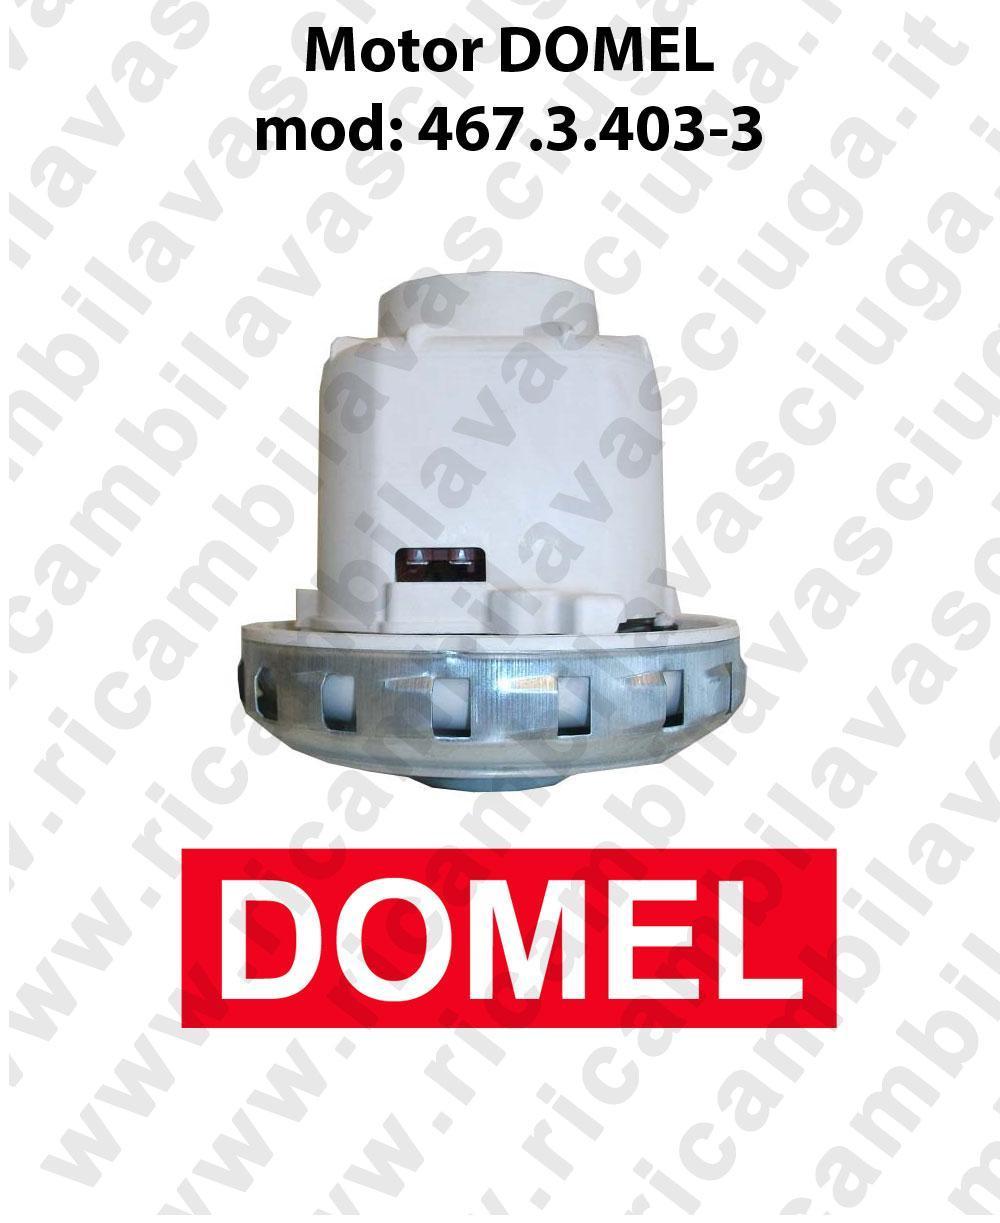 DOMEL 467.3.403-3 Moteres de aspiración para aspiradora y fregadoras